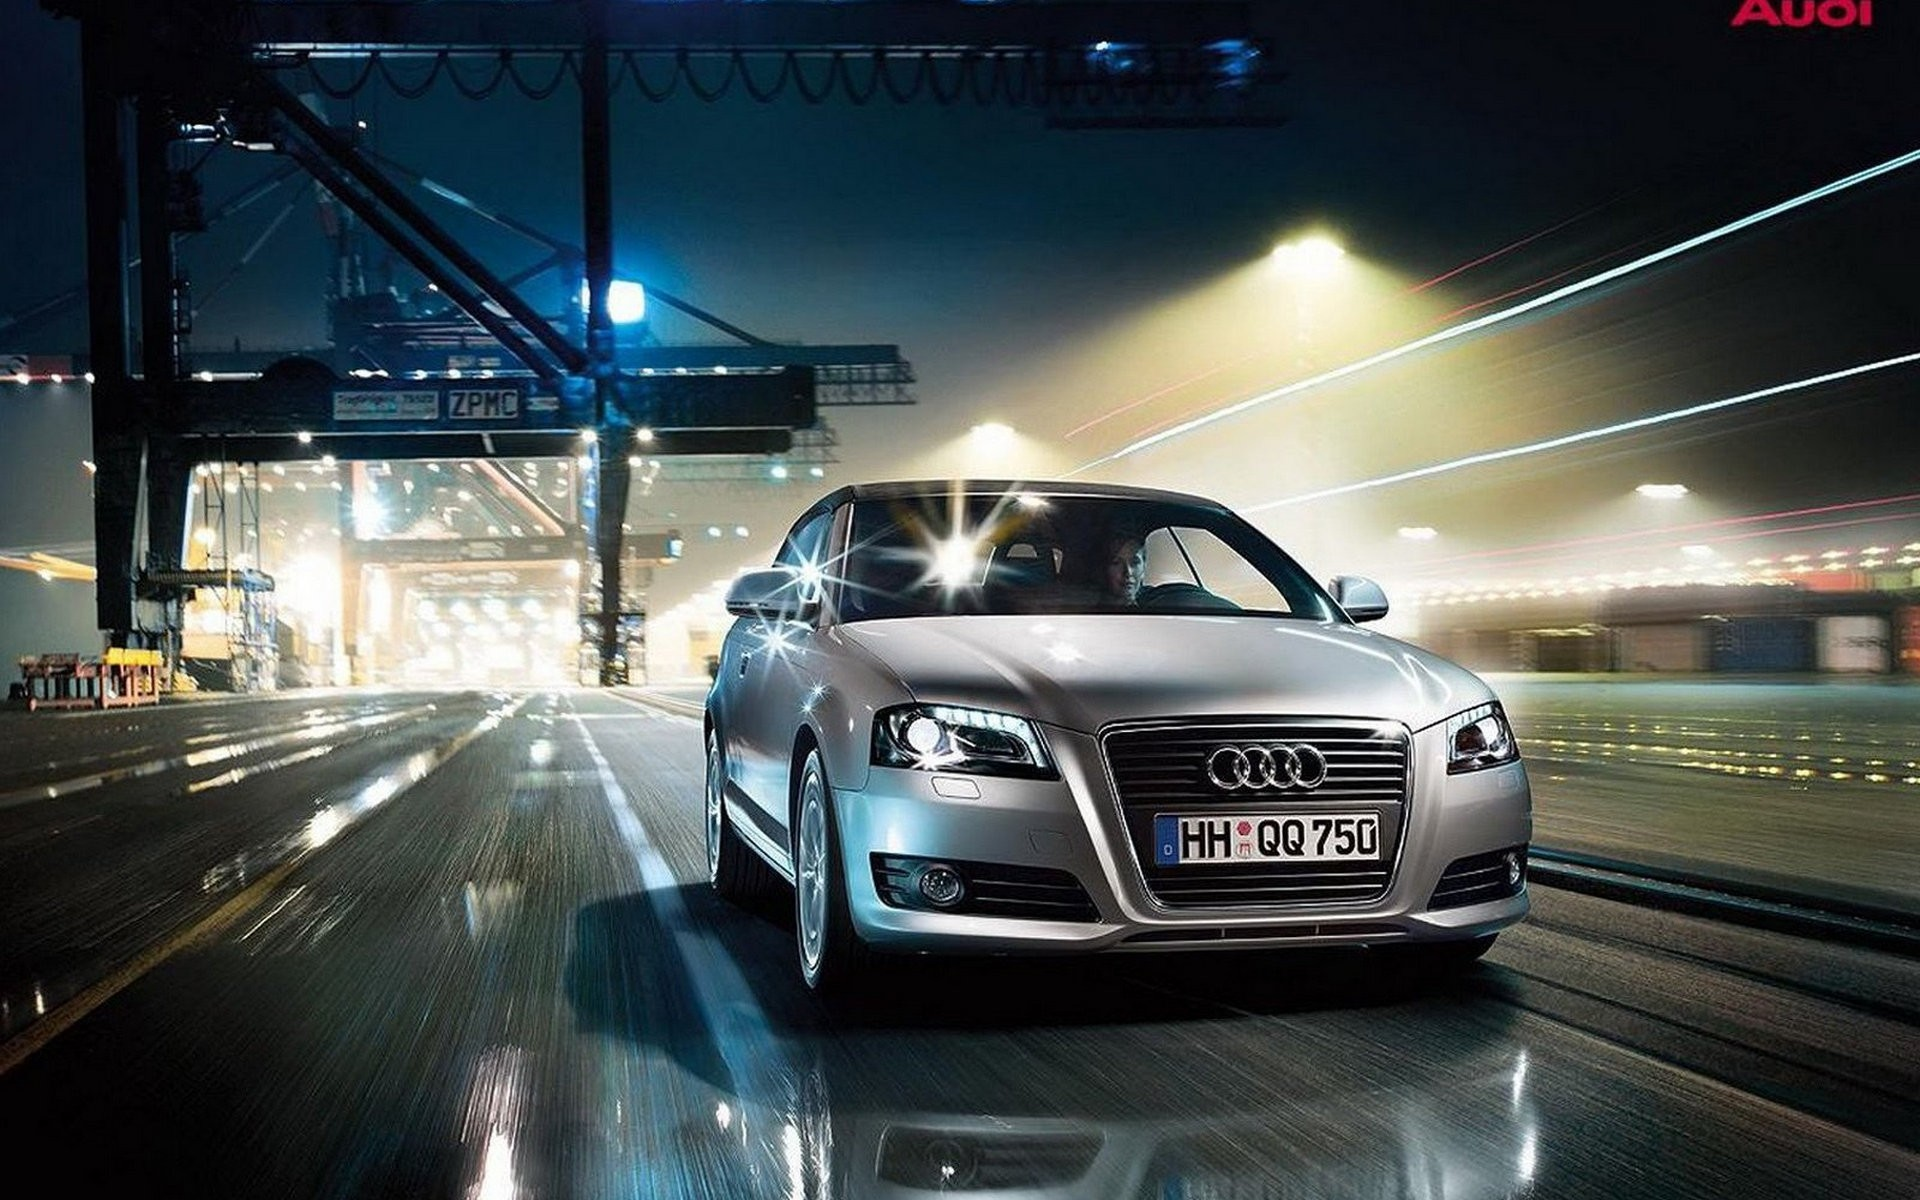 Audi Hd Wallpapers Wallpapersafari